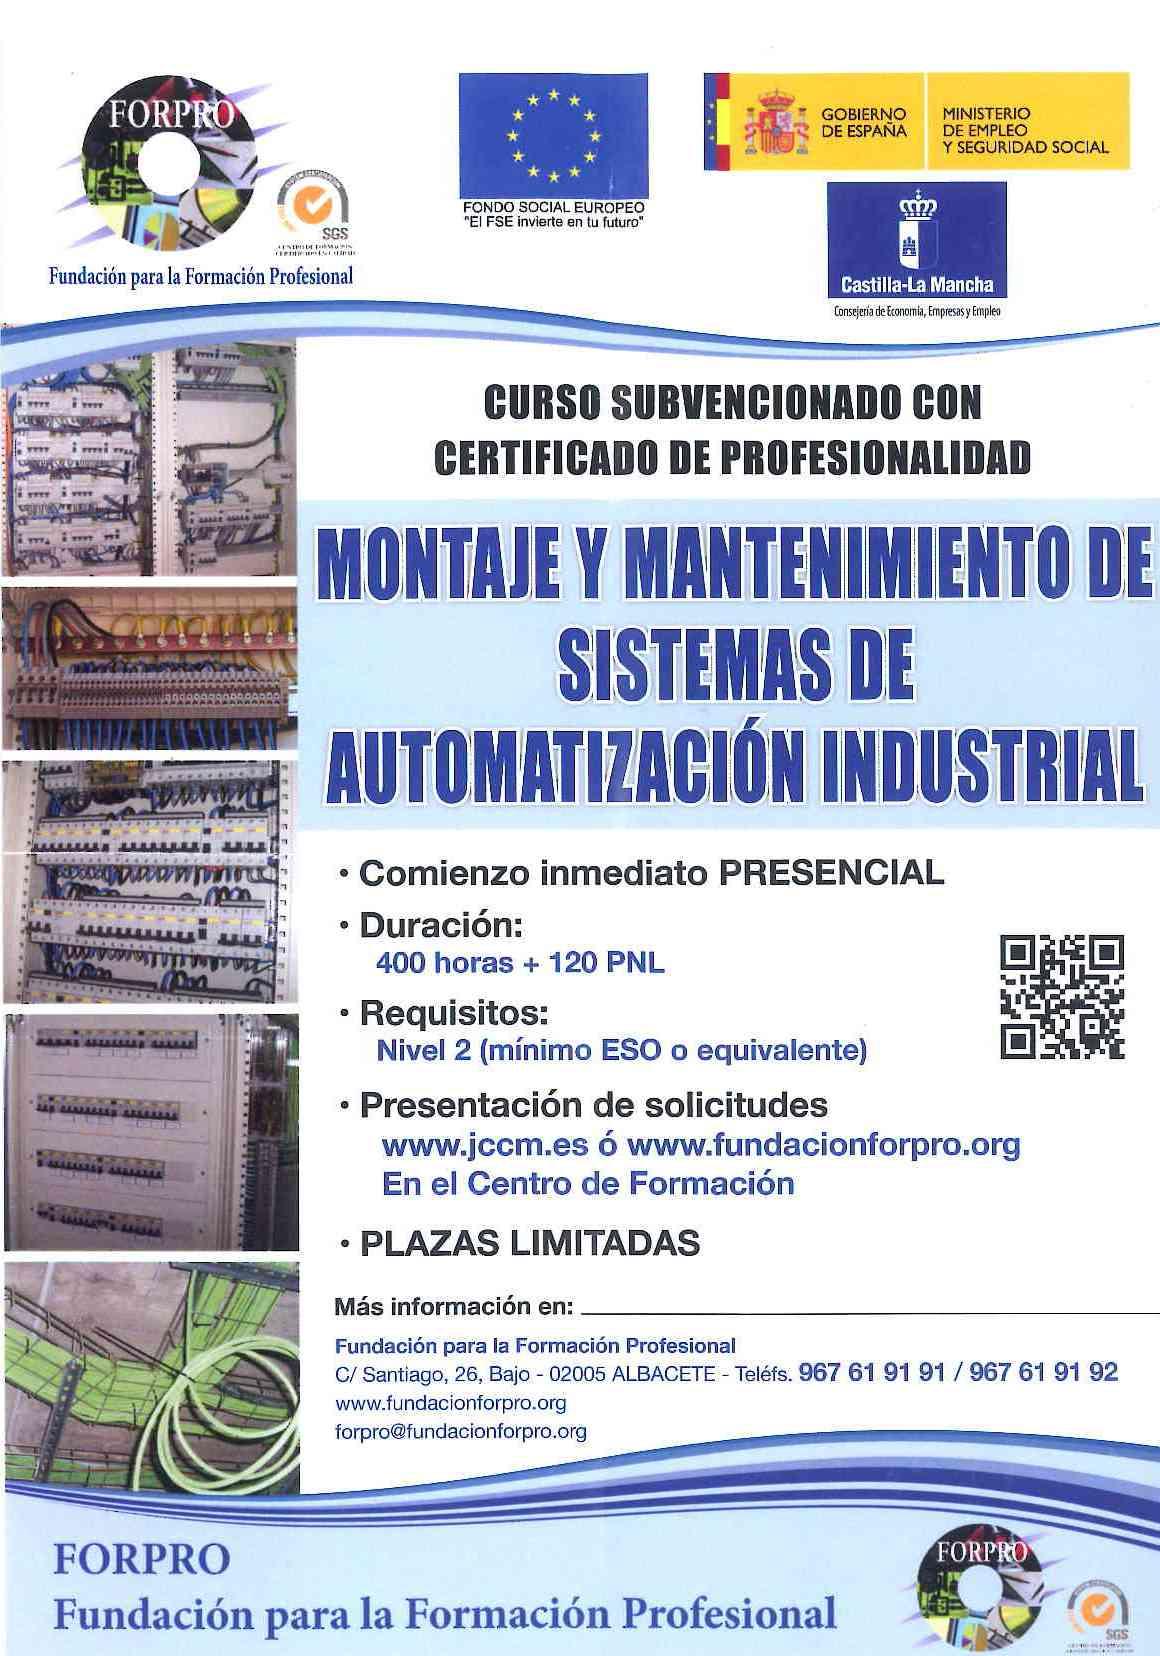 Montaje y mantenimiento de sistemas